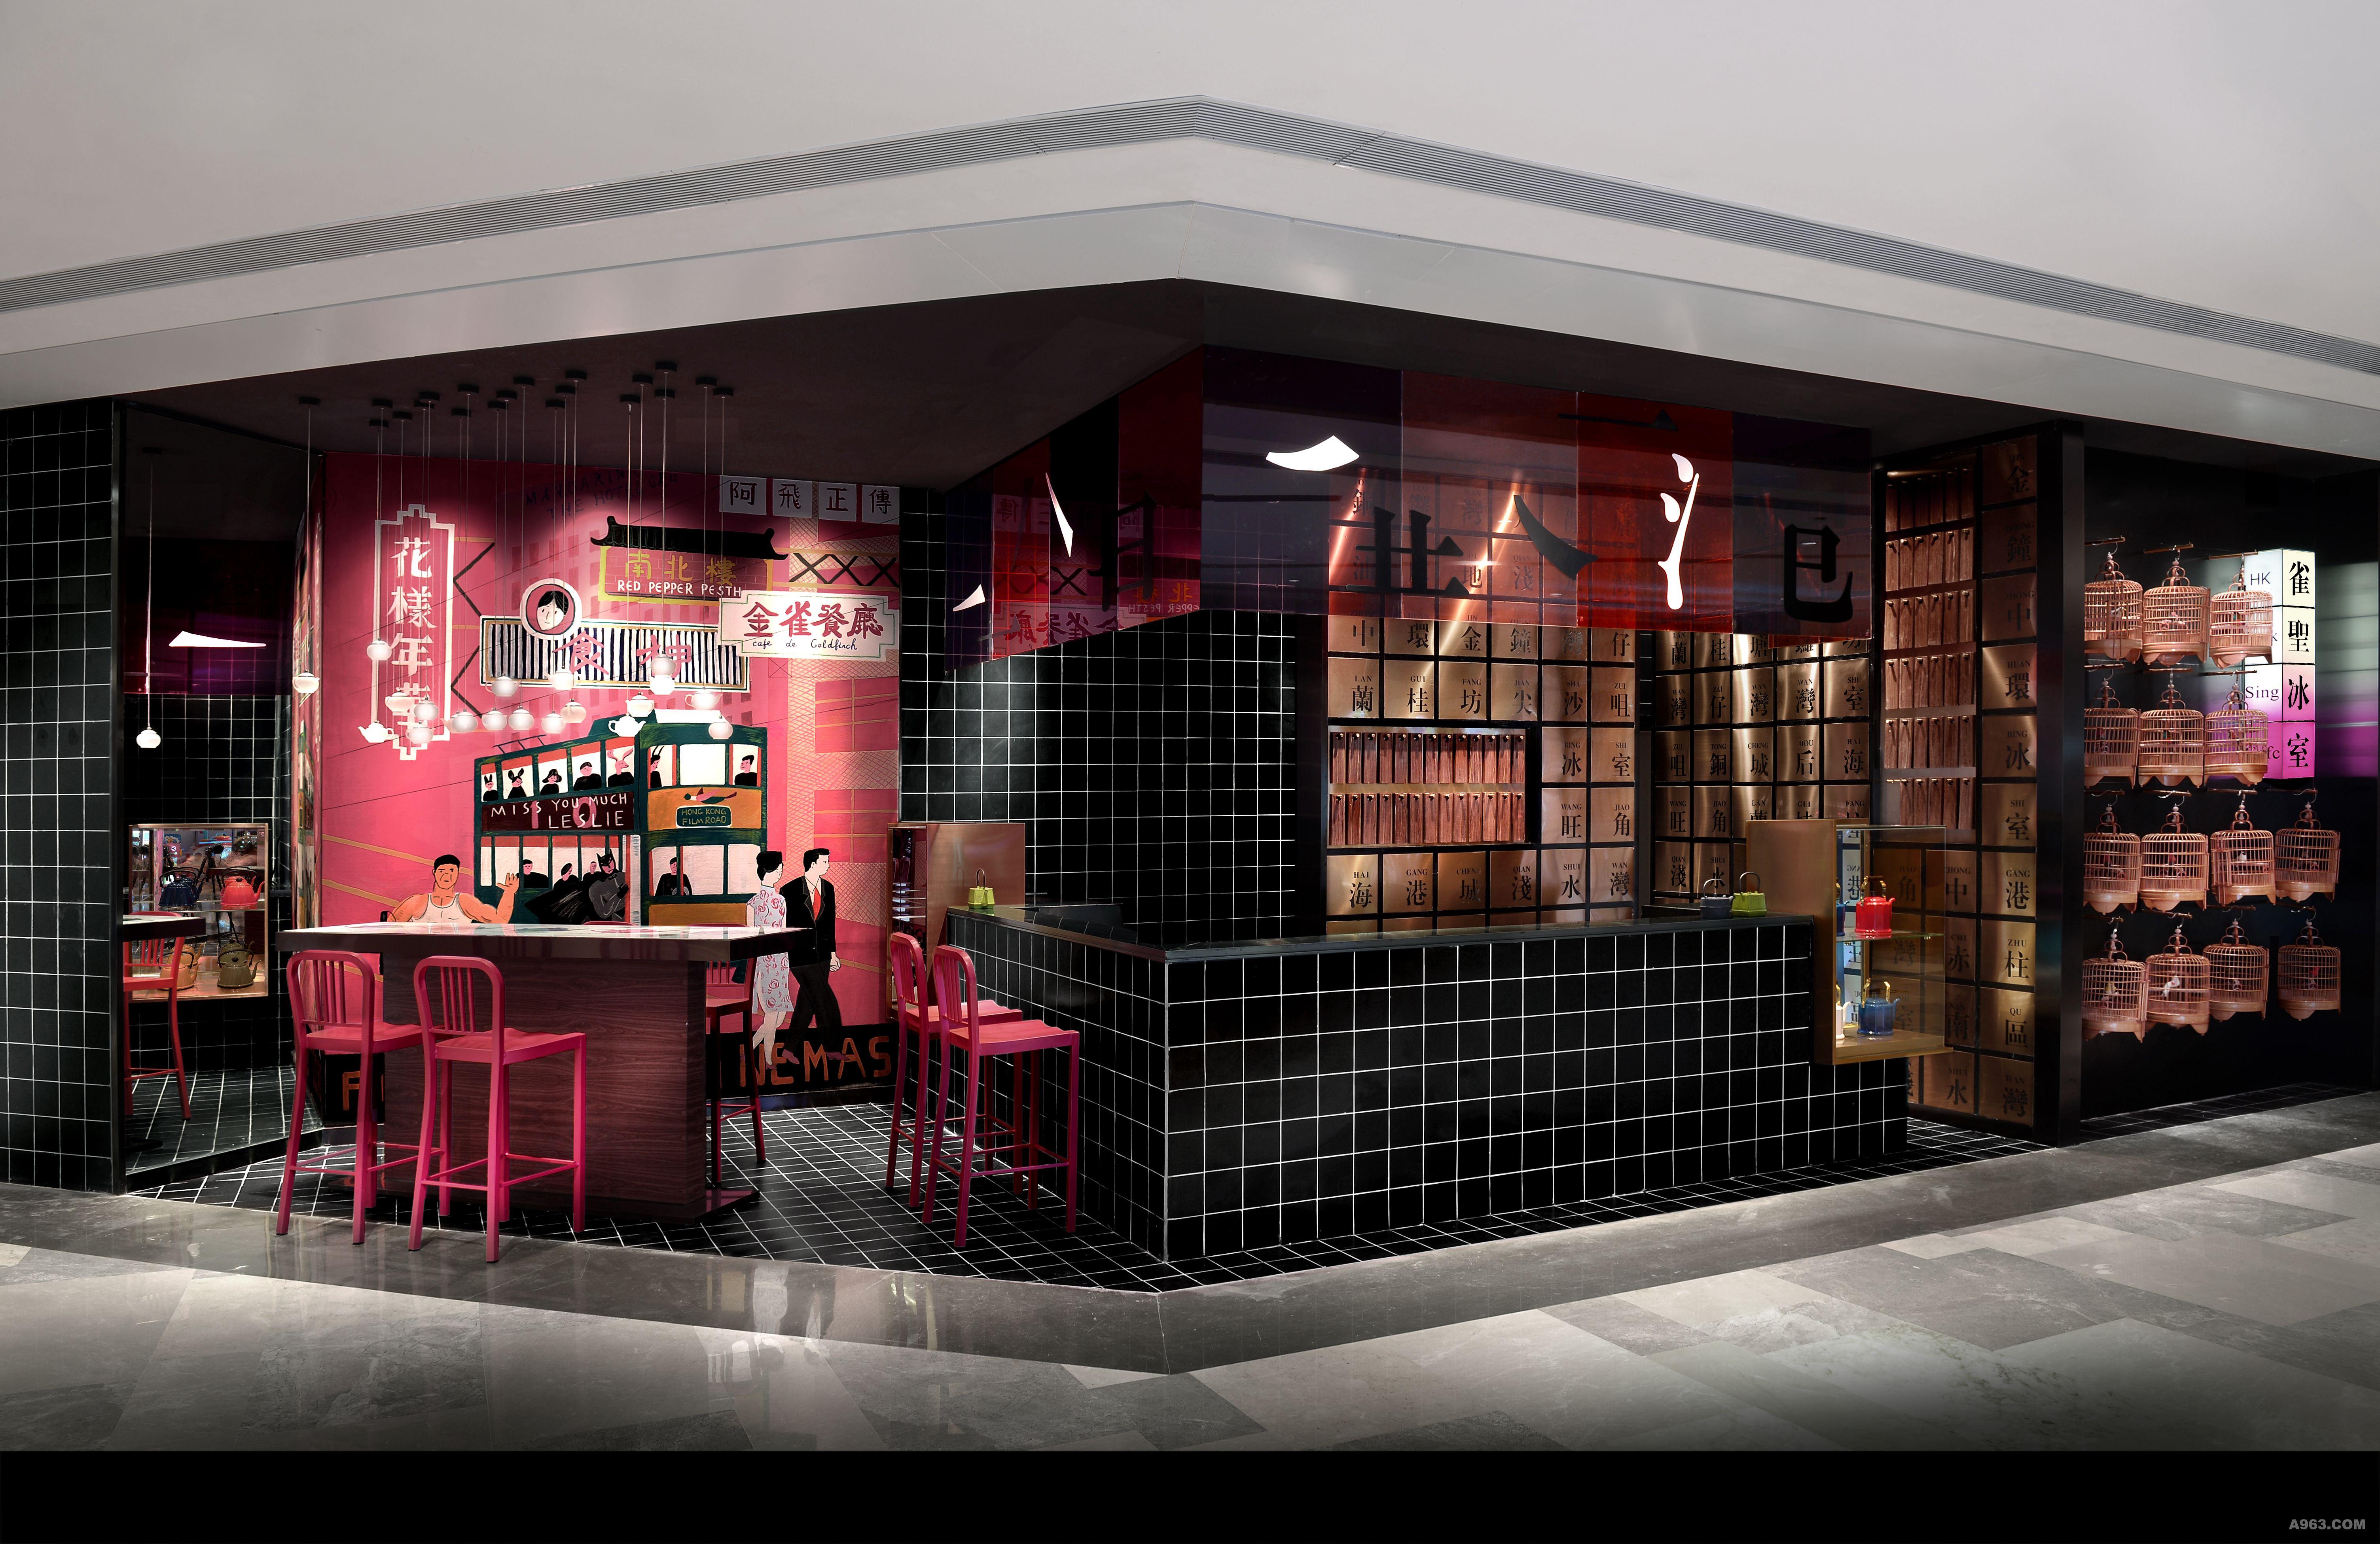 雀圣冰室 - 餐饮空间 - 徐代恒设计作品案例